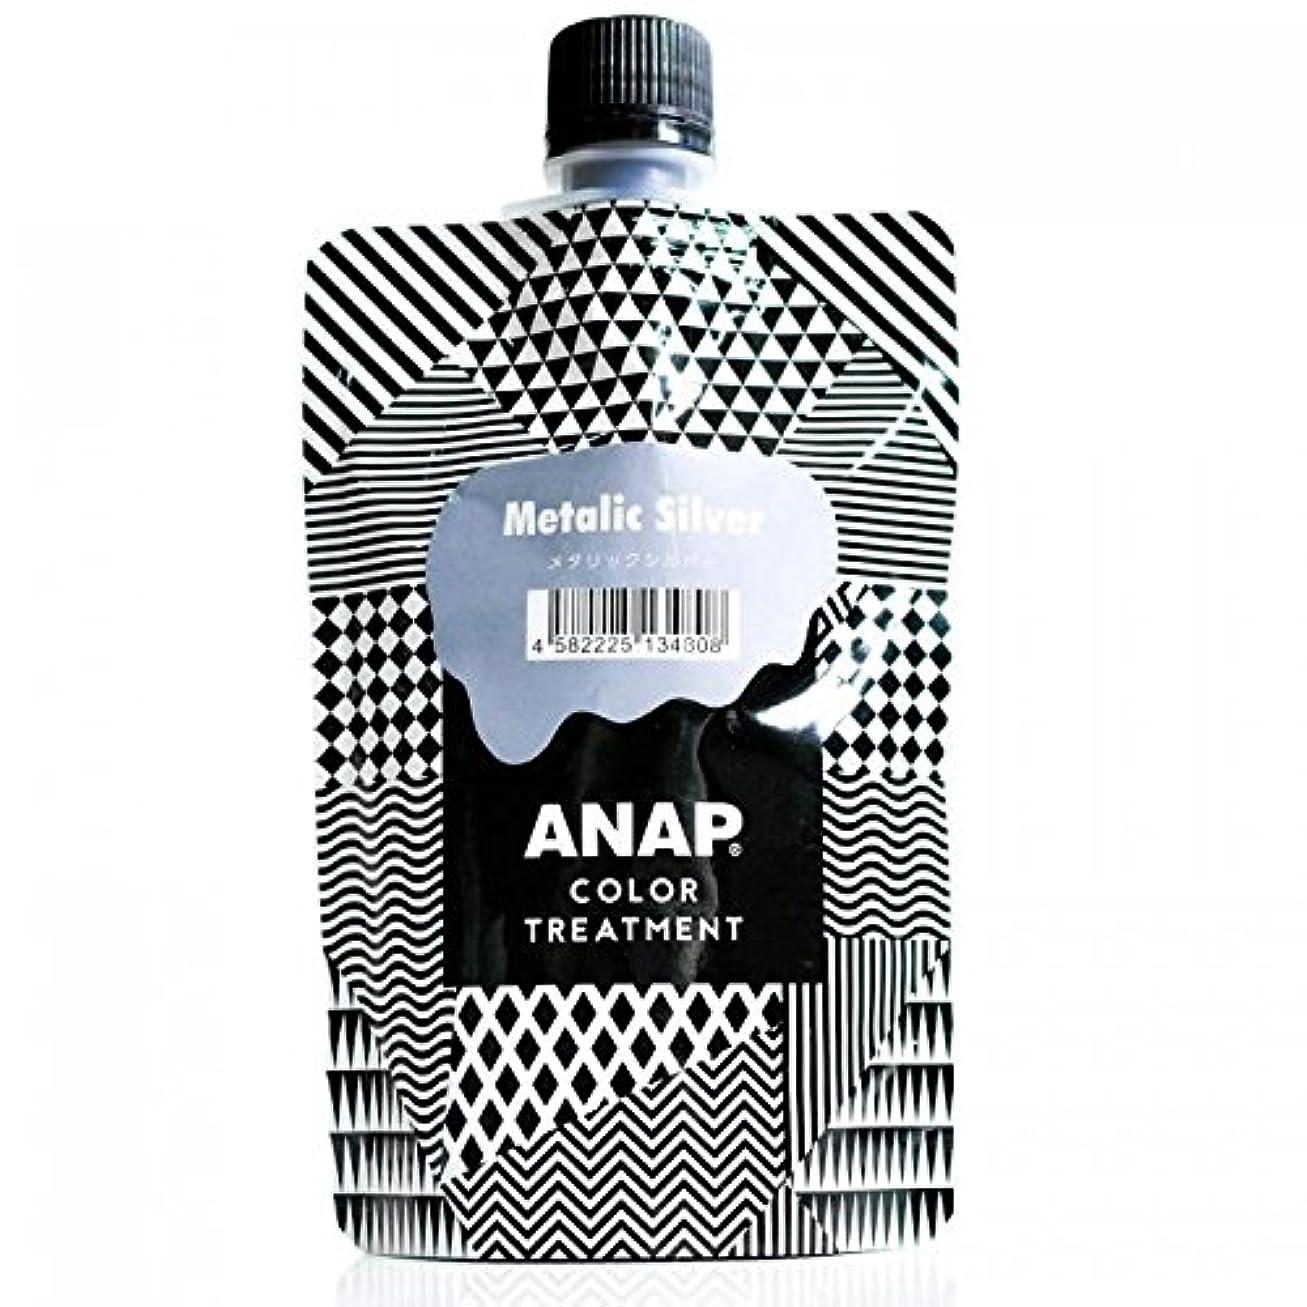 ANAP カラートリートメント パウチ メタリックシルバー 150g